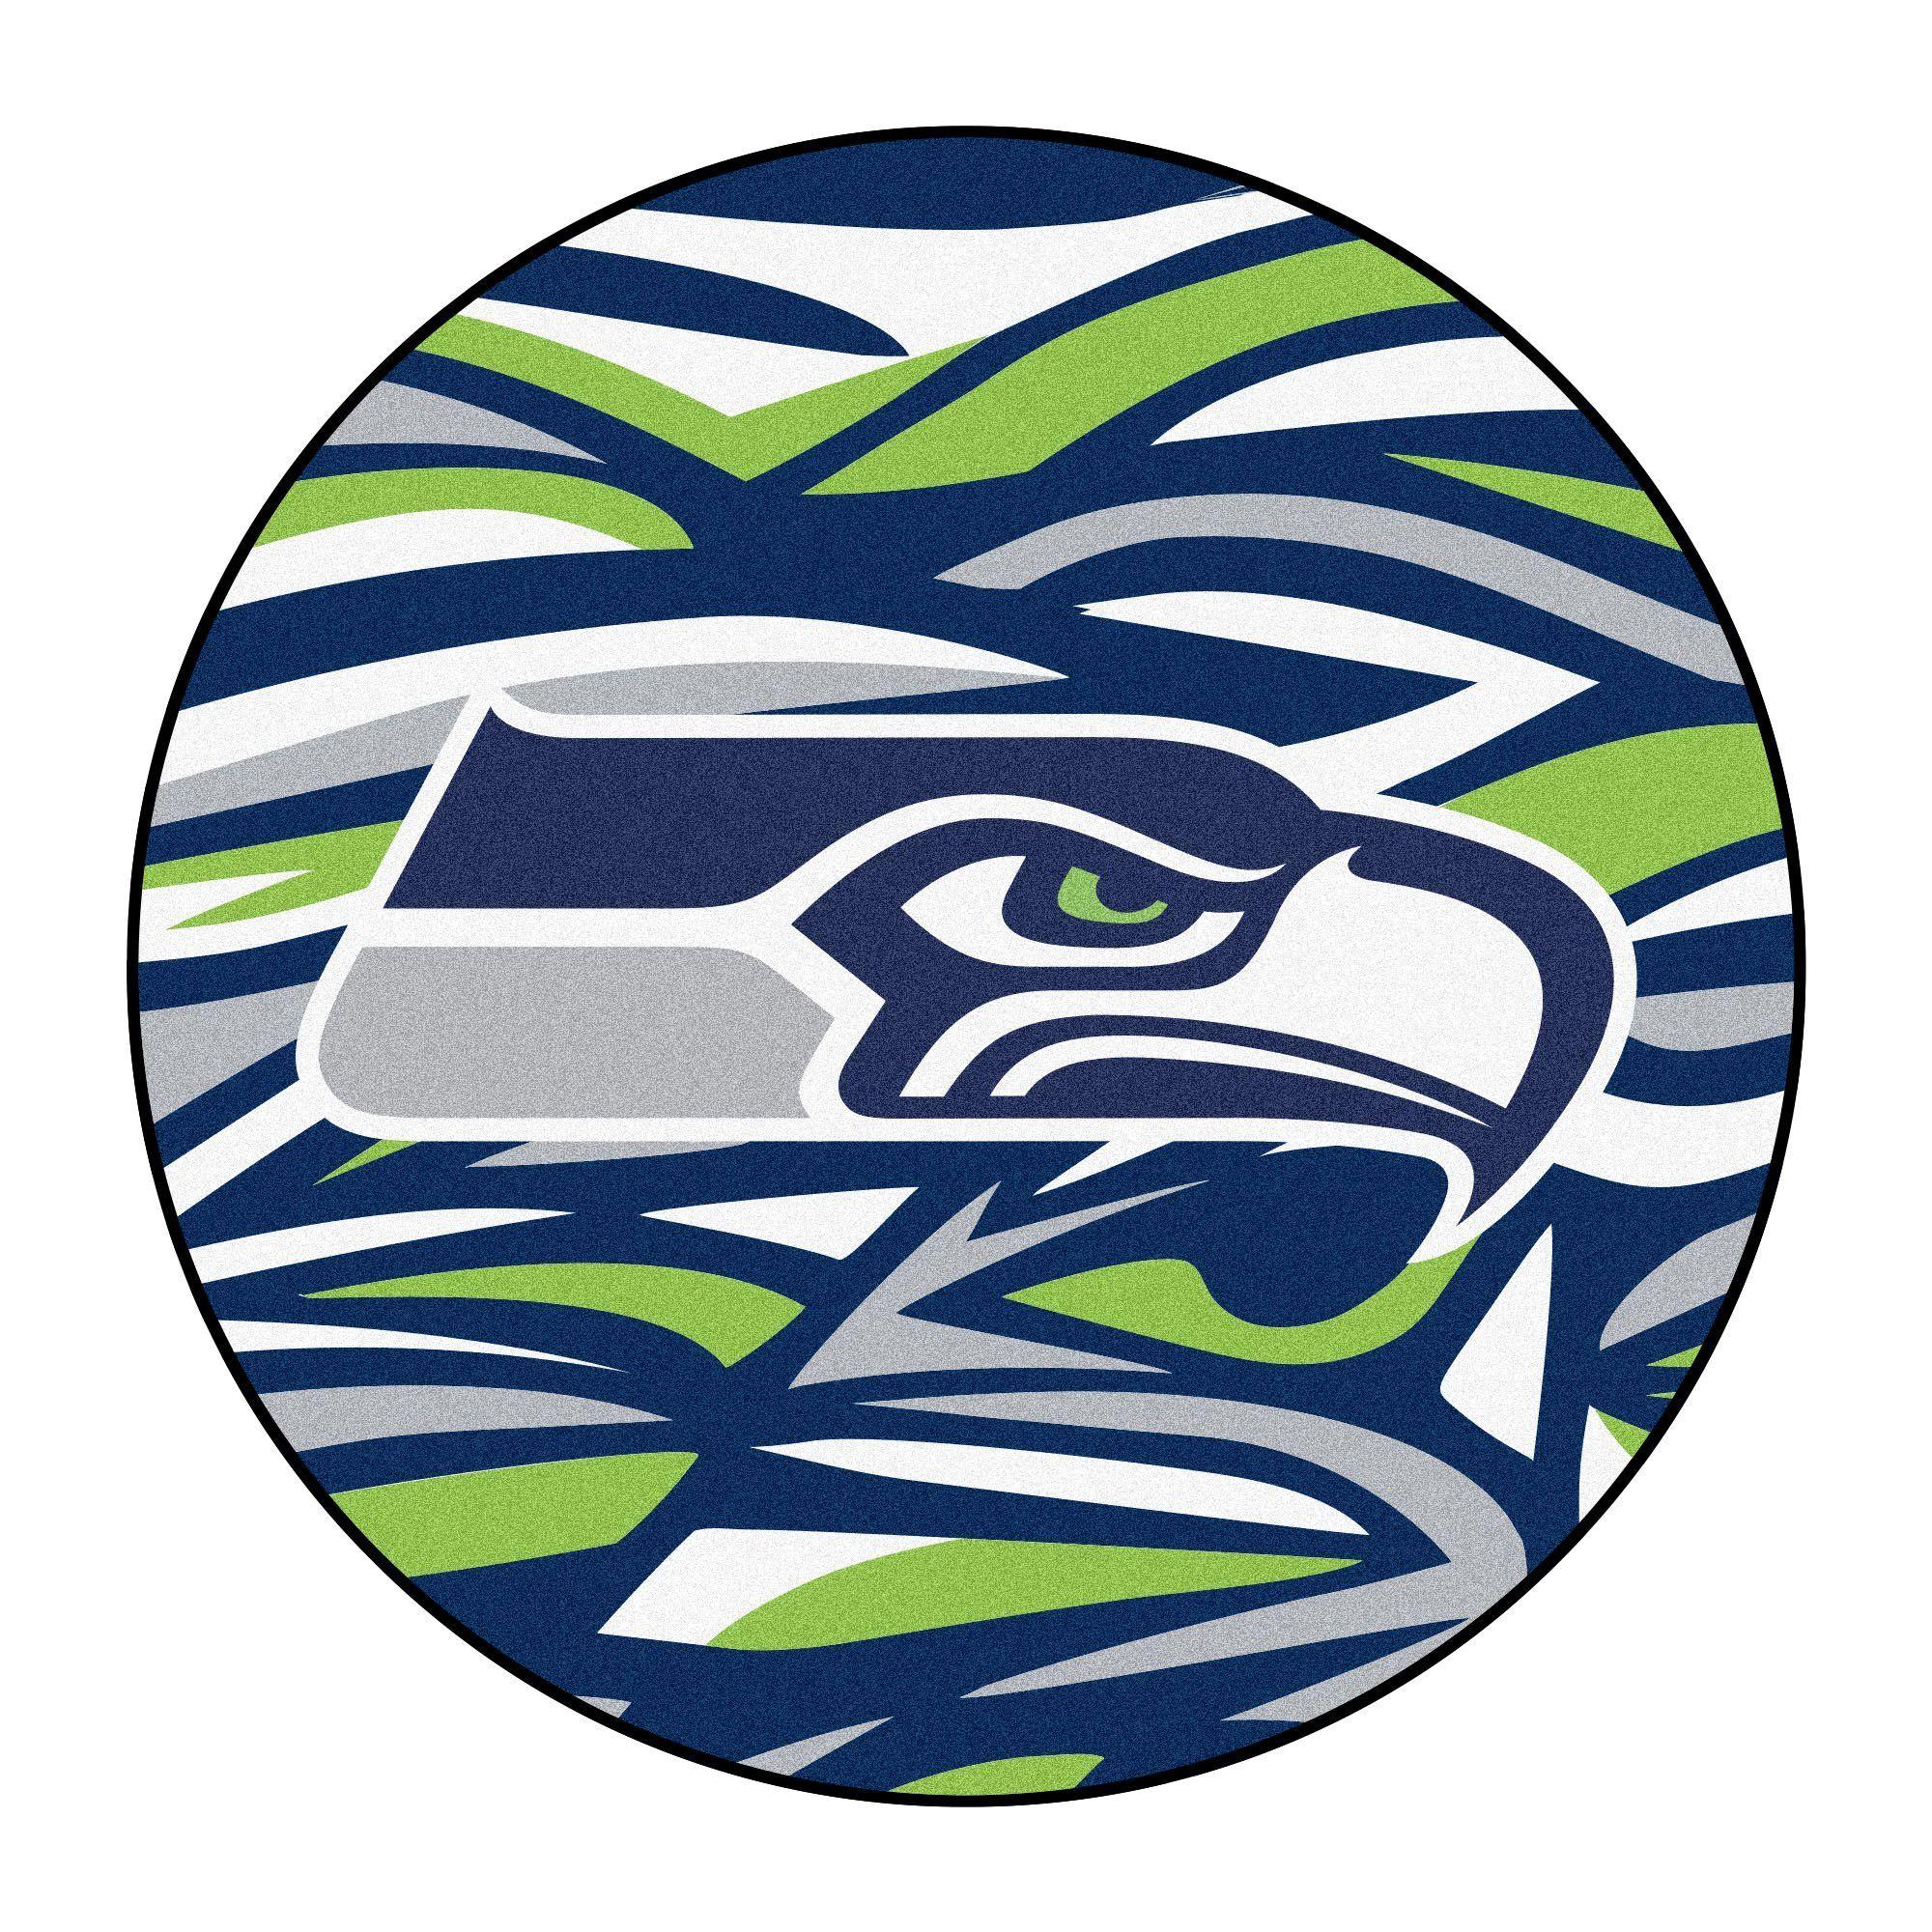 FanMats 23366 Seattle Seahawks XFIT Roundel Mat 27